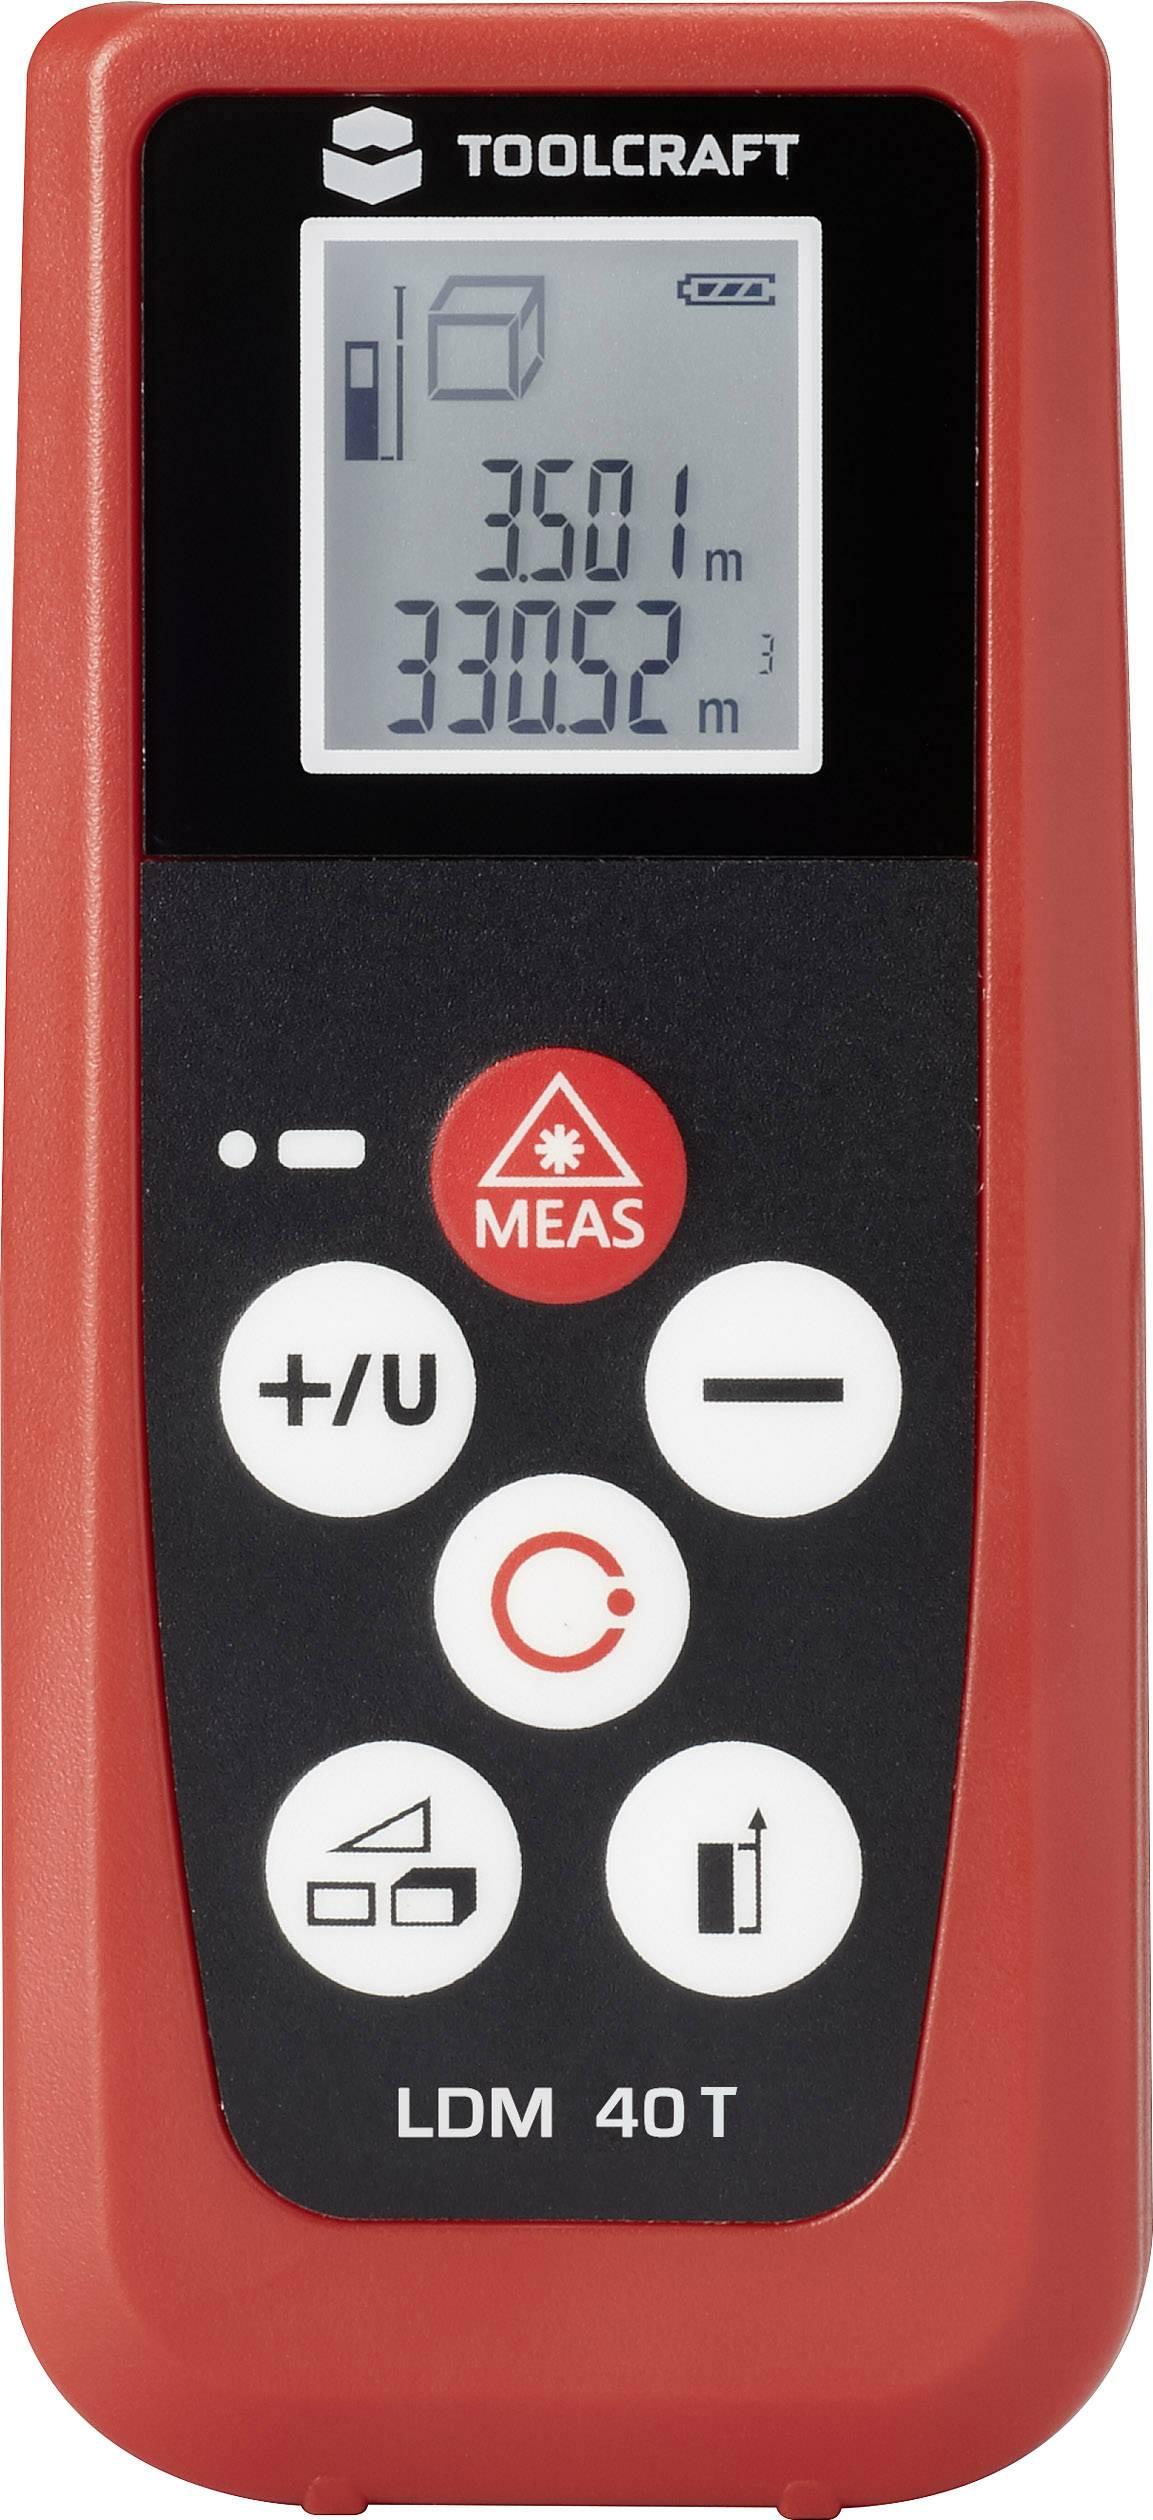 Laserovýdiaľkomer TOOLCRAFT LDM 40T, Rozsah merania (max.) 40 m